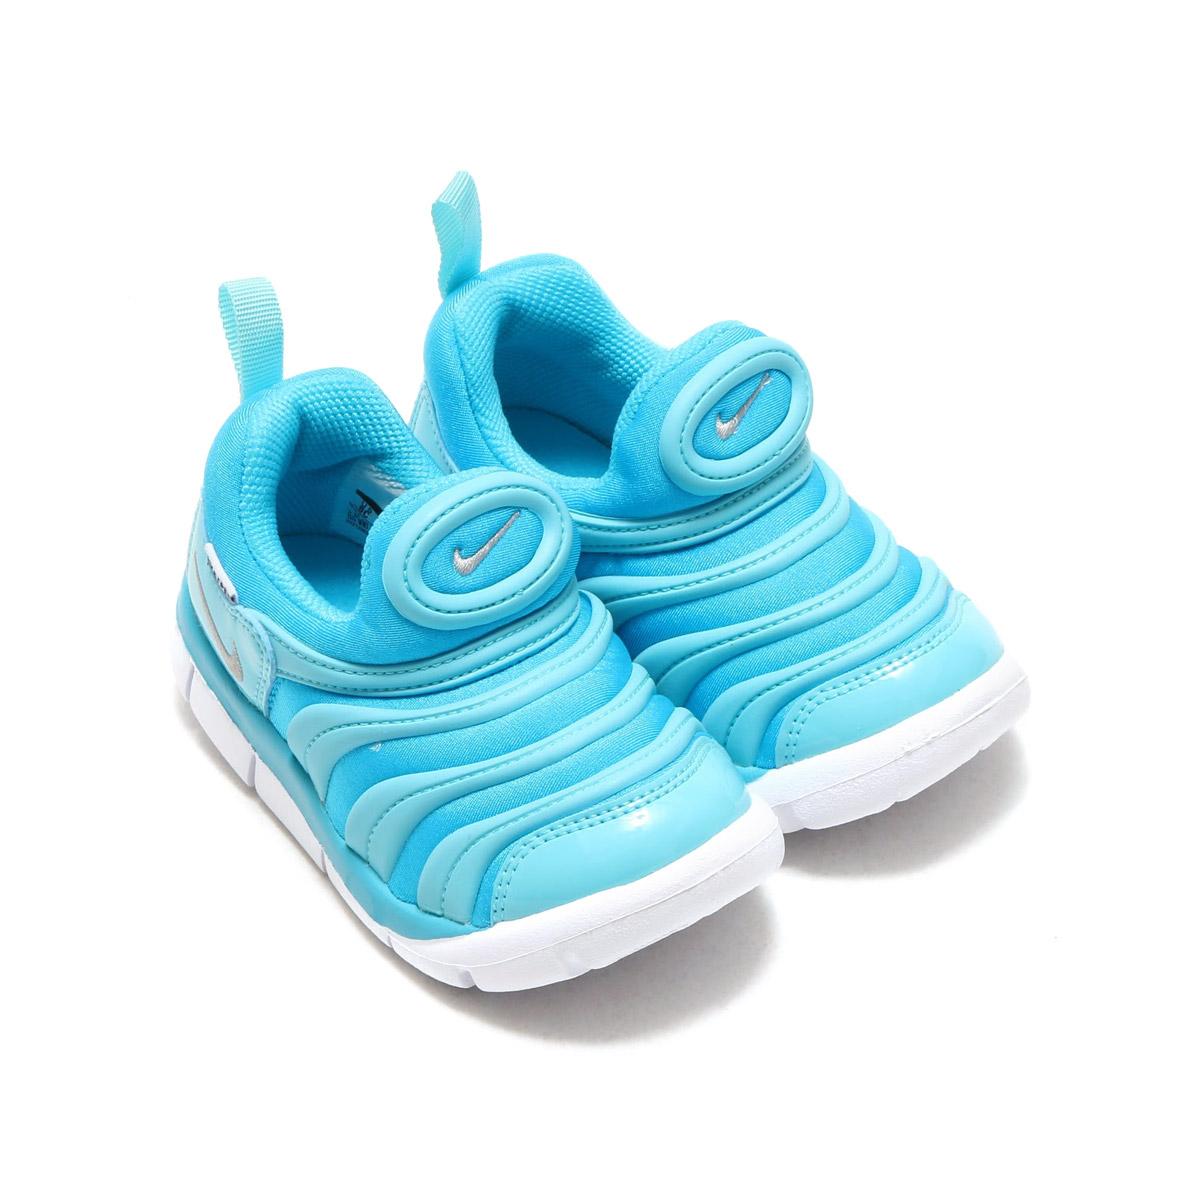 feb76ab5aed3 NIKE DYNAMO FREE (TD) (Nike dynamo-free TD) (CHLORINE BLUE METALLIC SILVER)  17SU-I